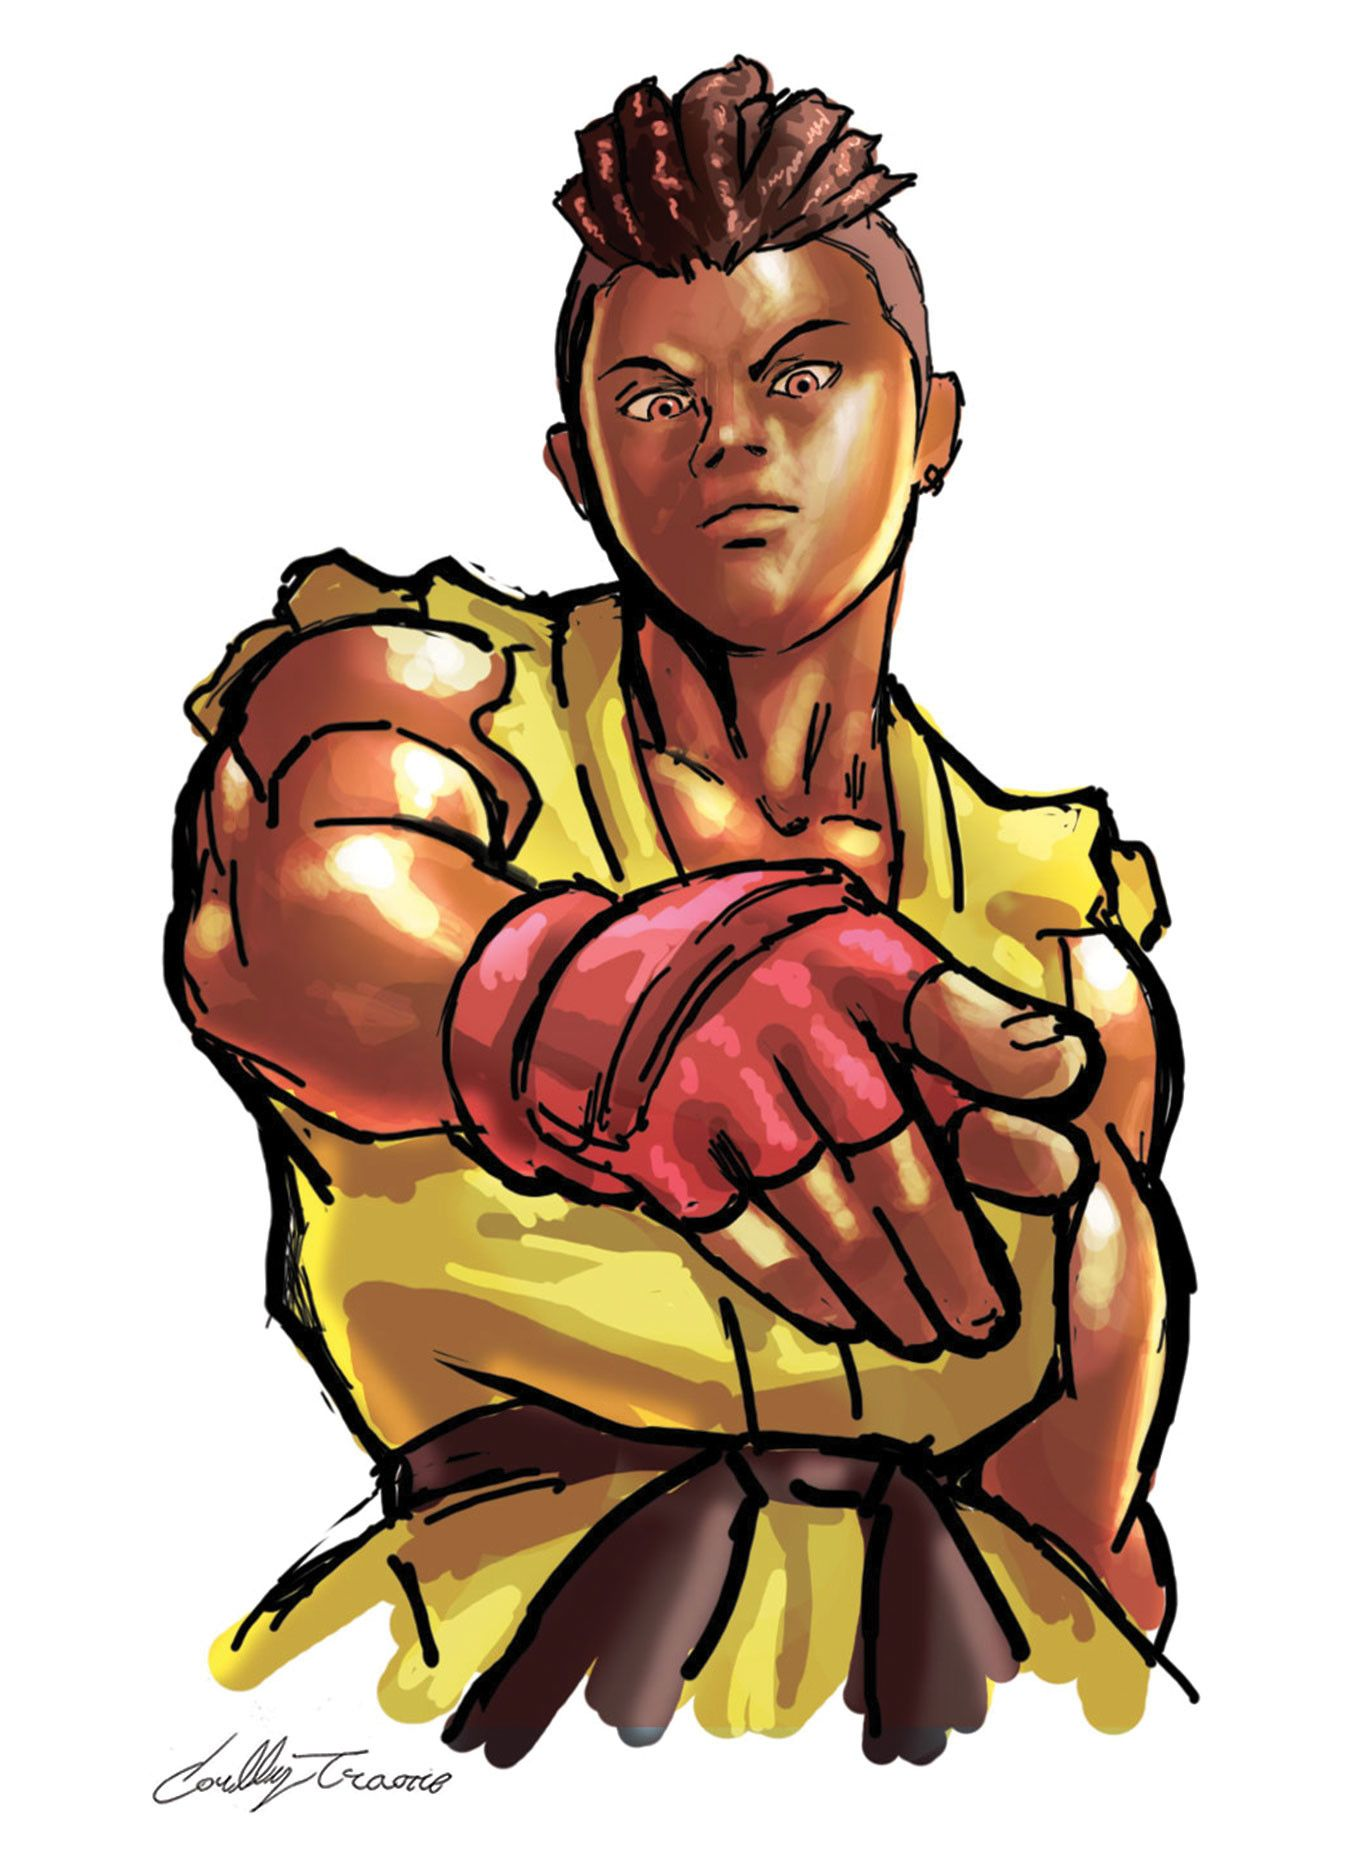 Sean matsuda clipart banner free Street Fighter - Sean Matsuda | Street fighter | Street ... banner free